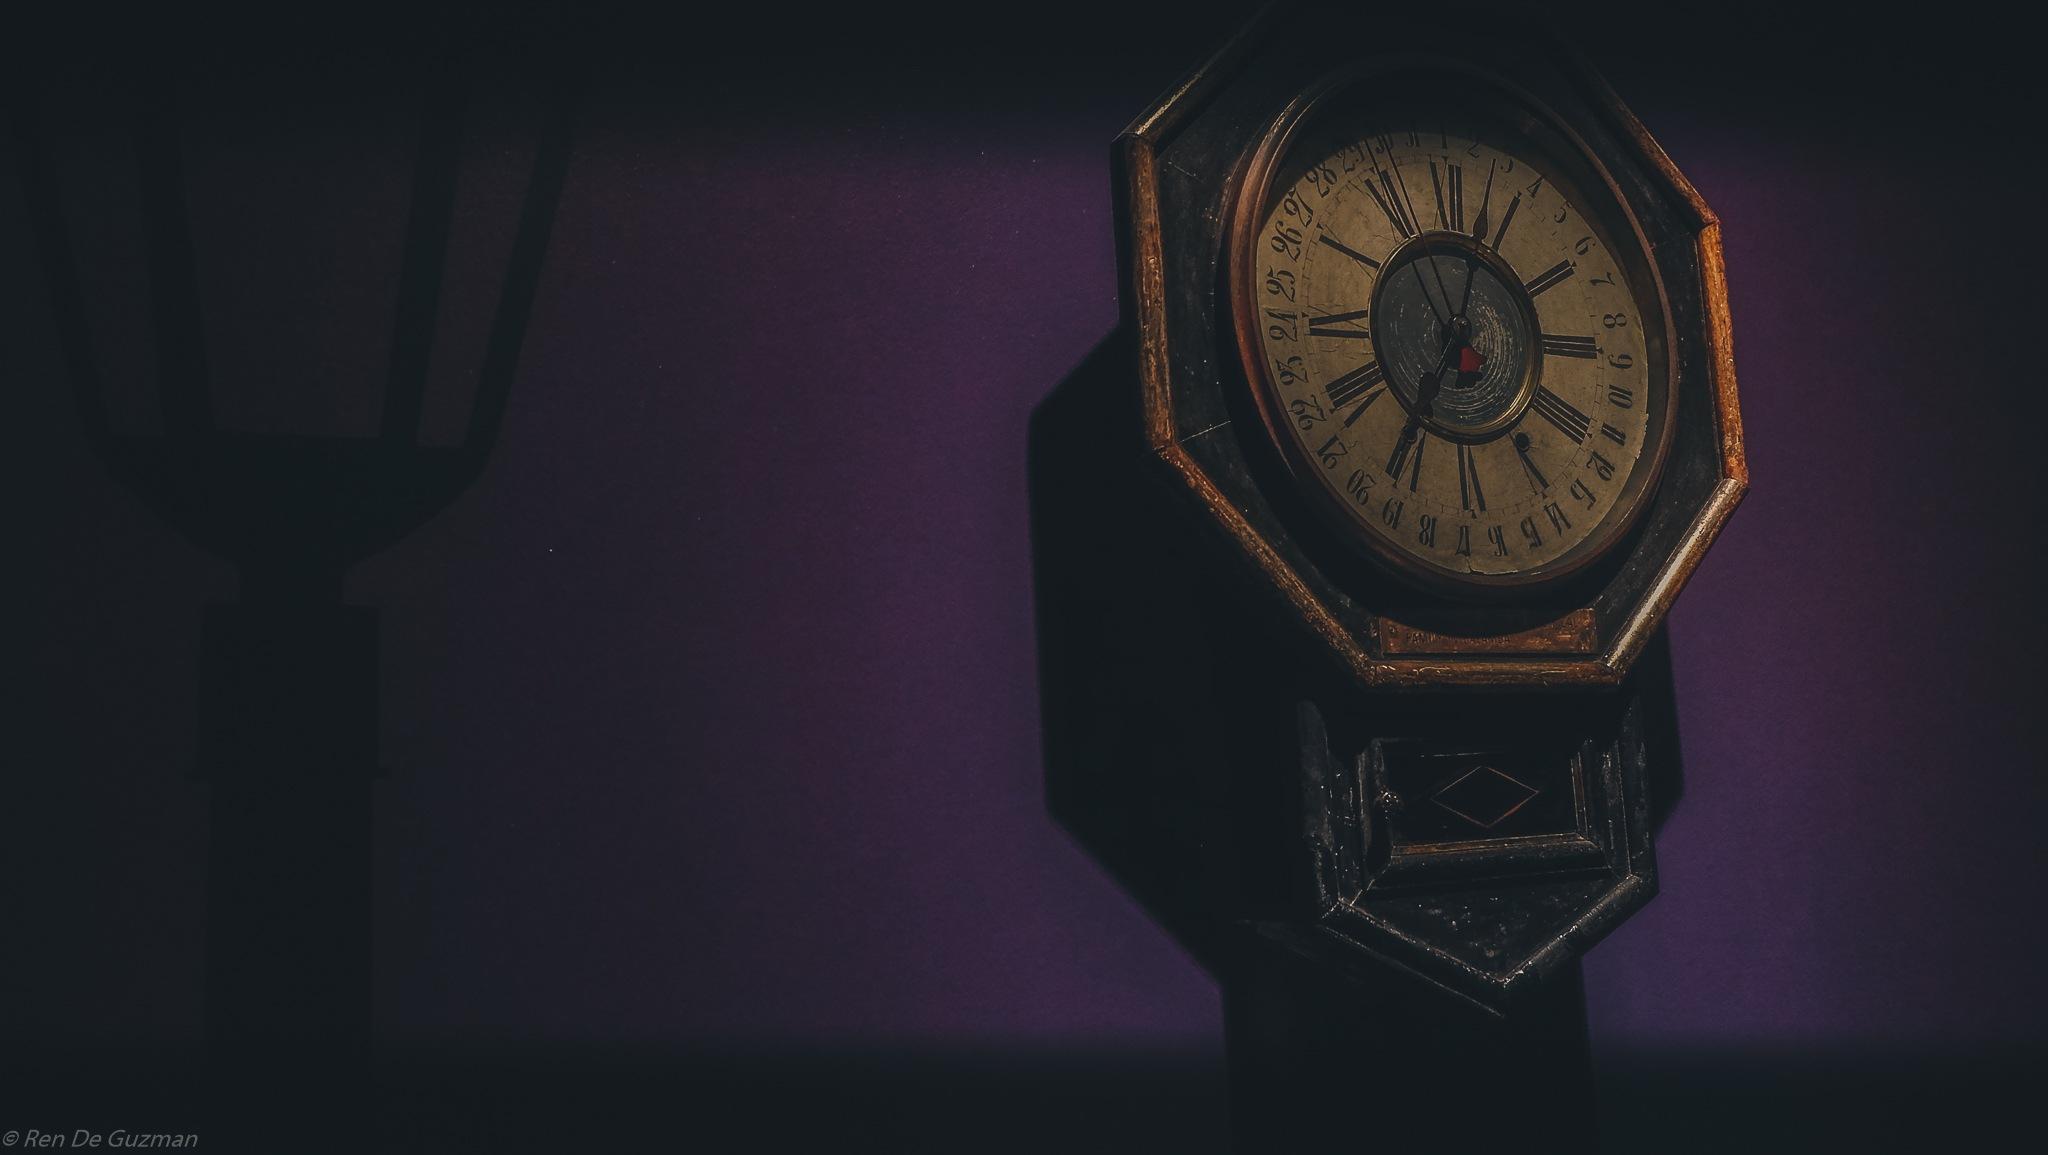 Time after time by Ren De Guzman